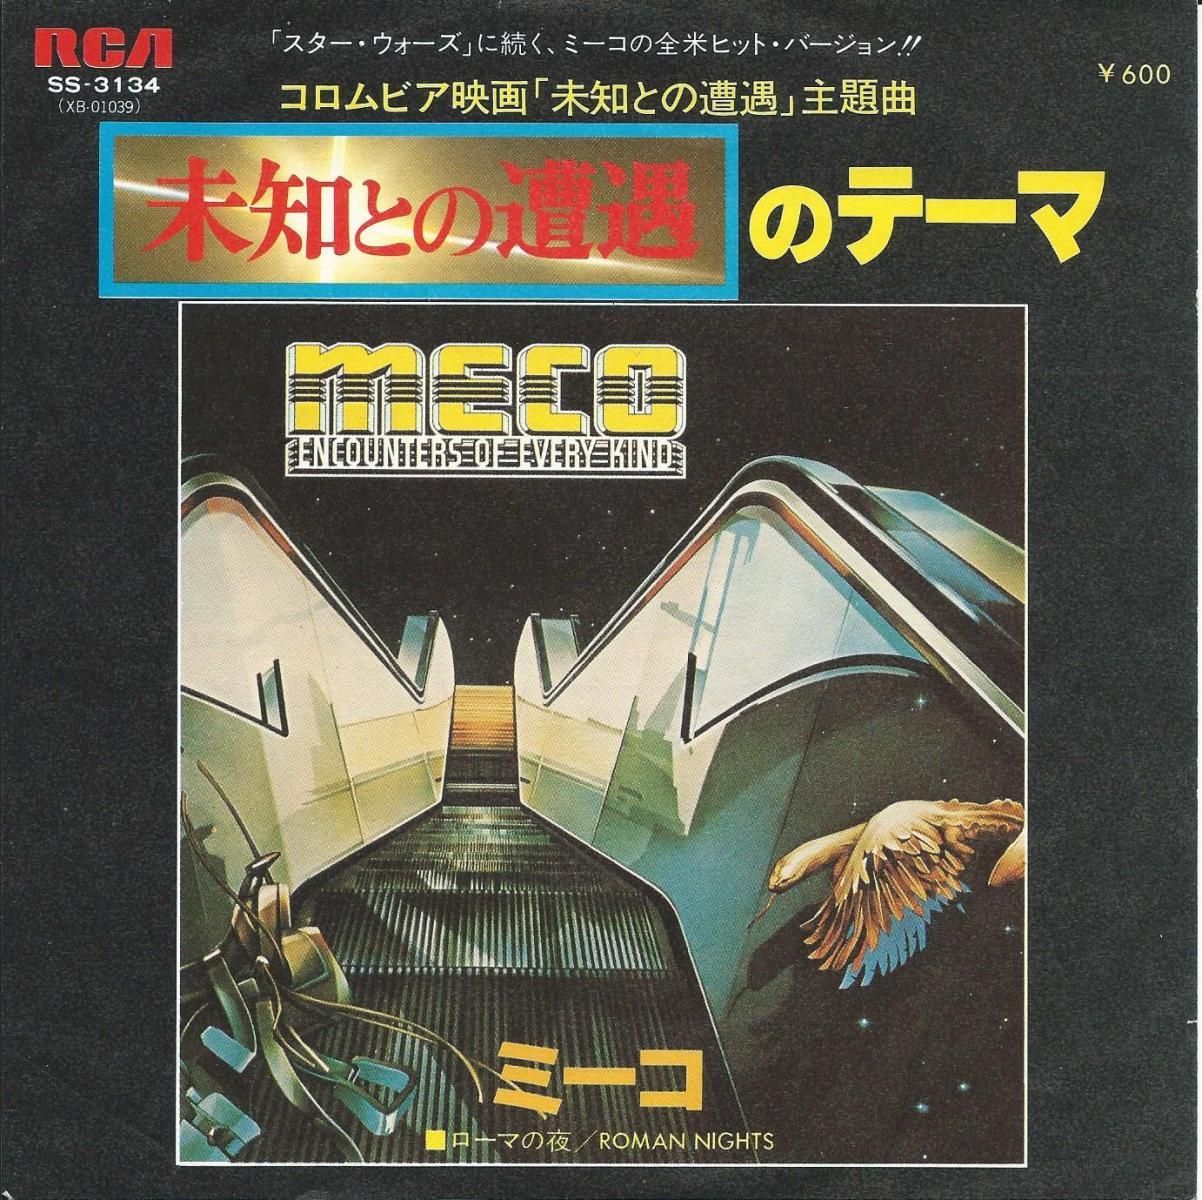 ミーコ MECO / 未知との遭遇のテーマ THEME FROM CLOSE ENCOUNTERS (7